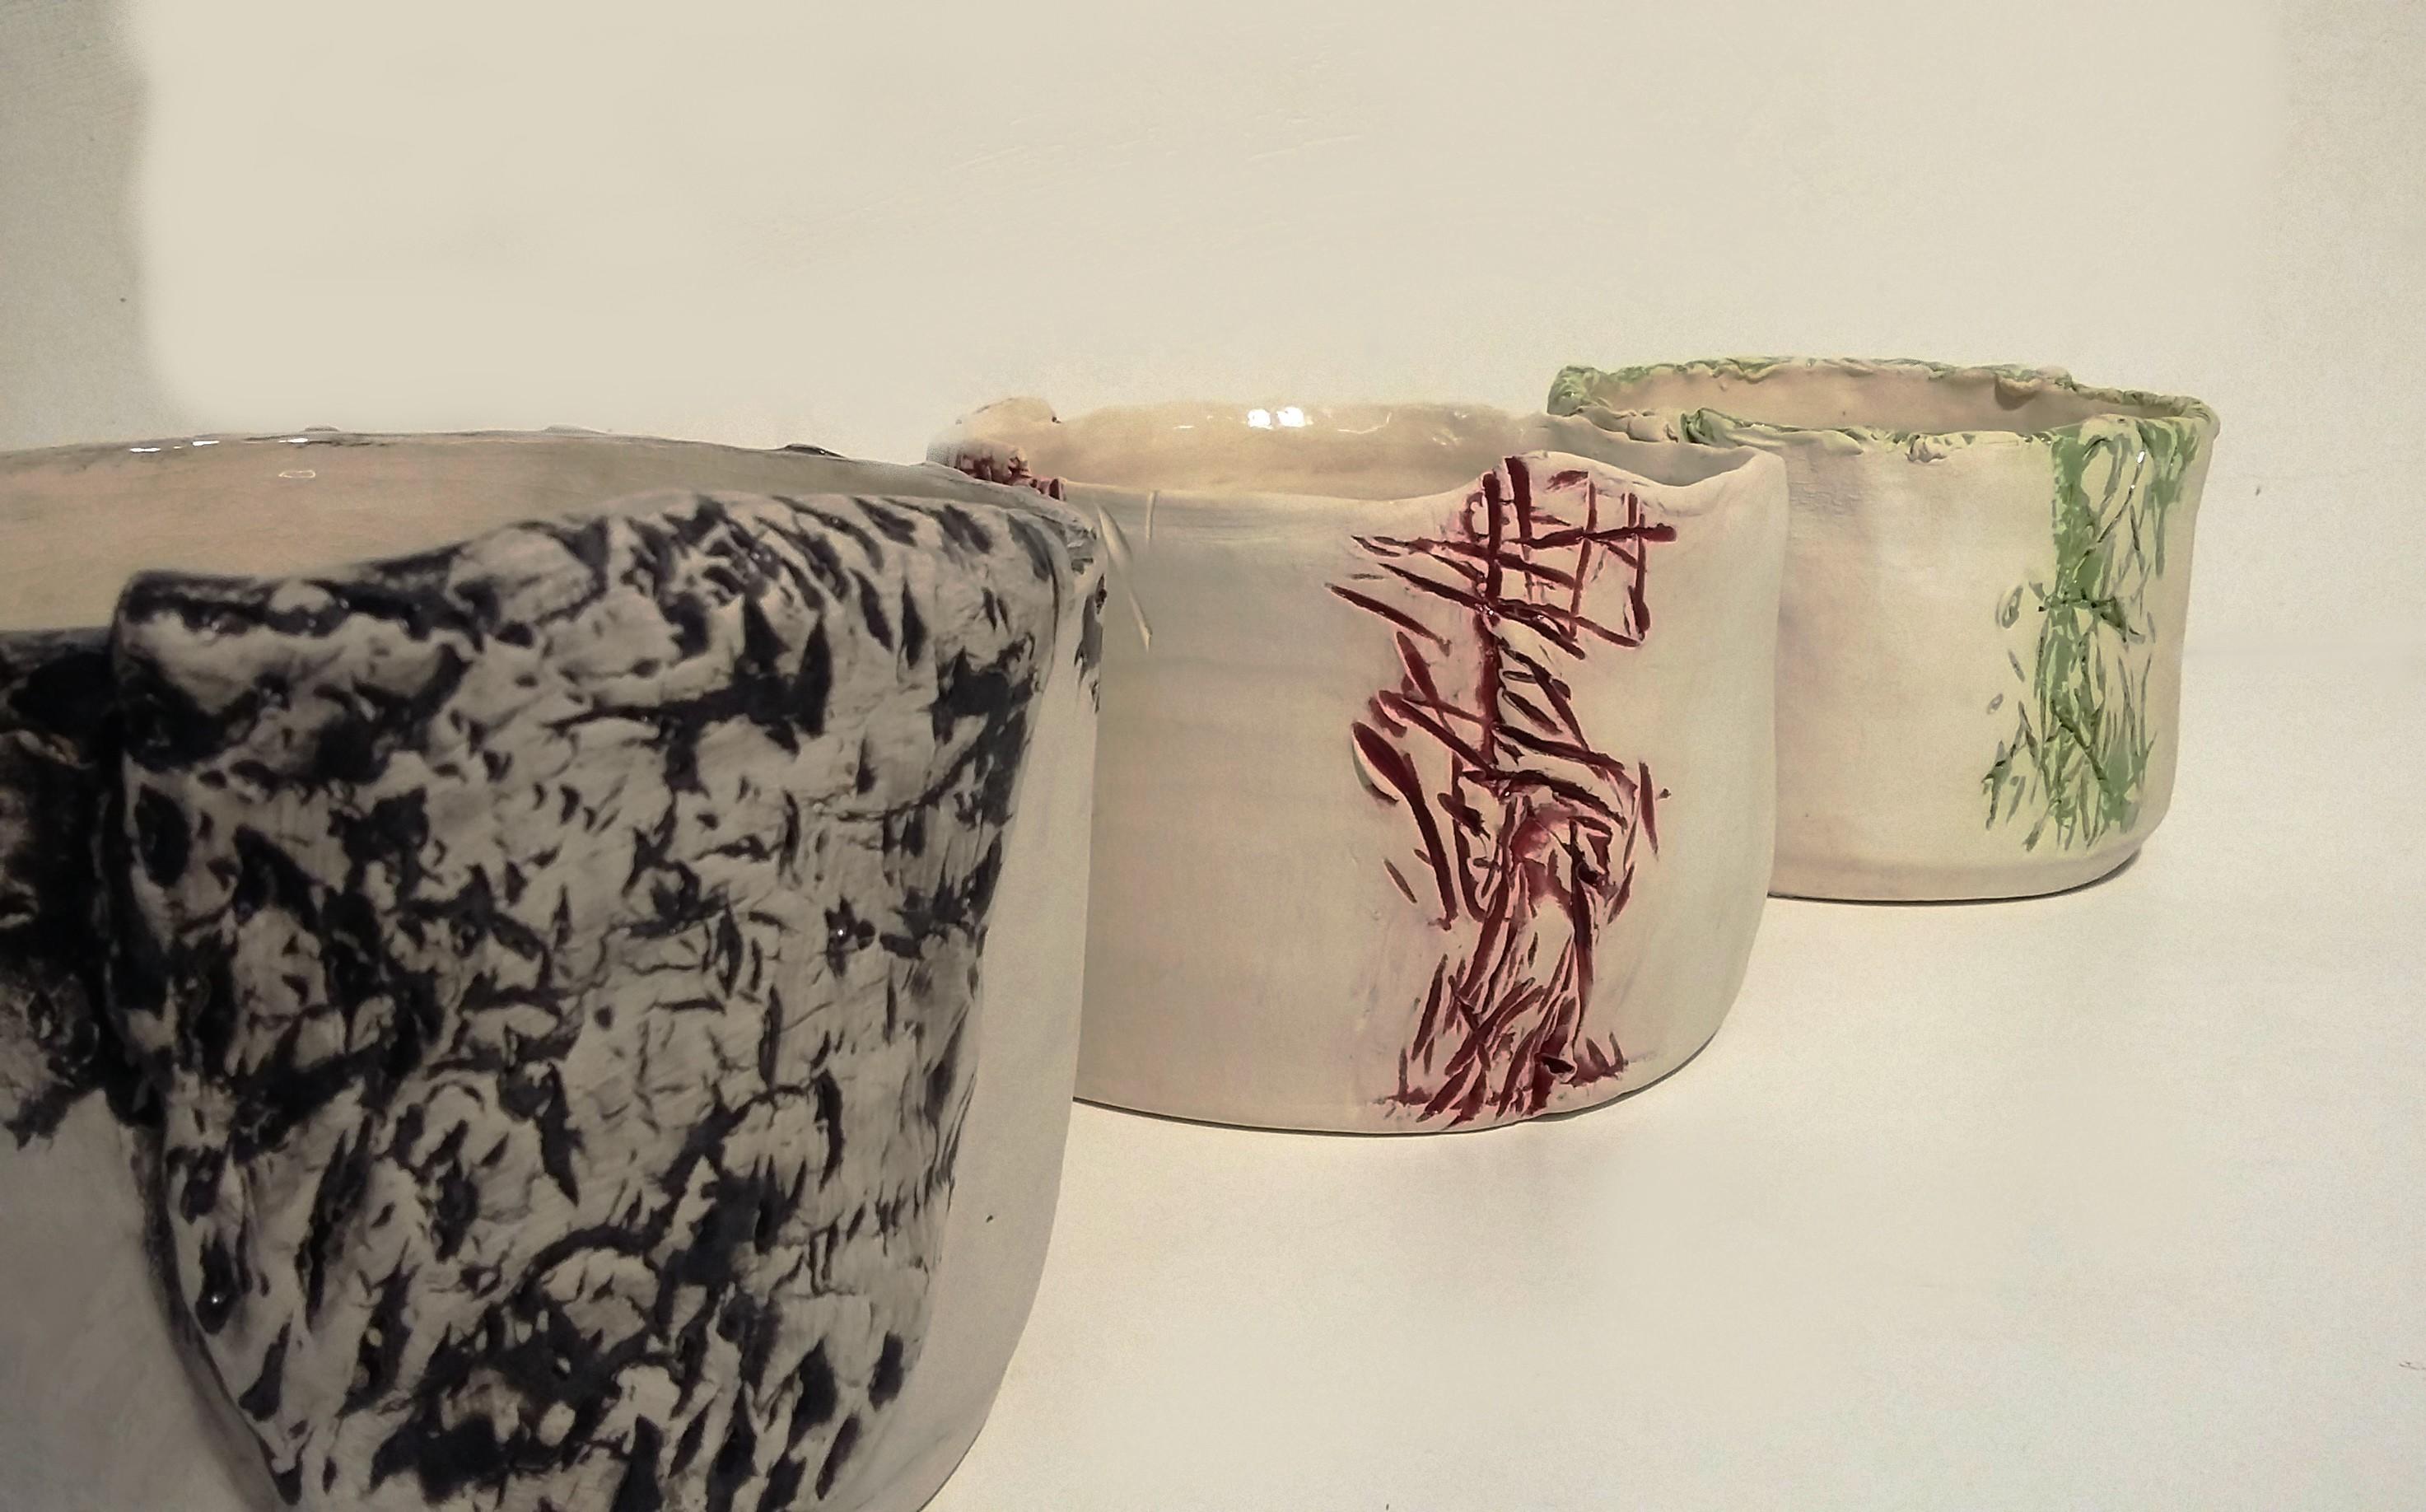 ciotole in ceramica basse